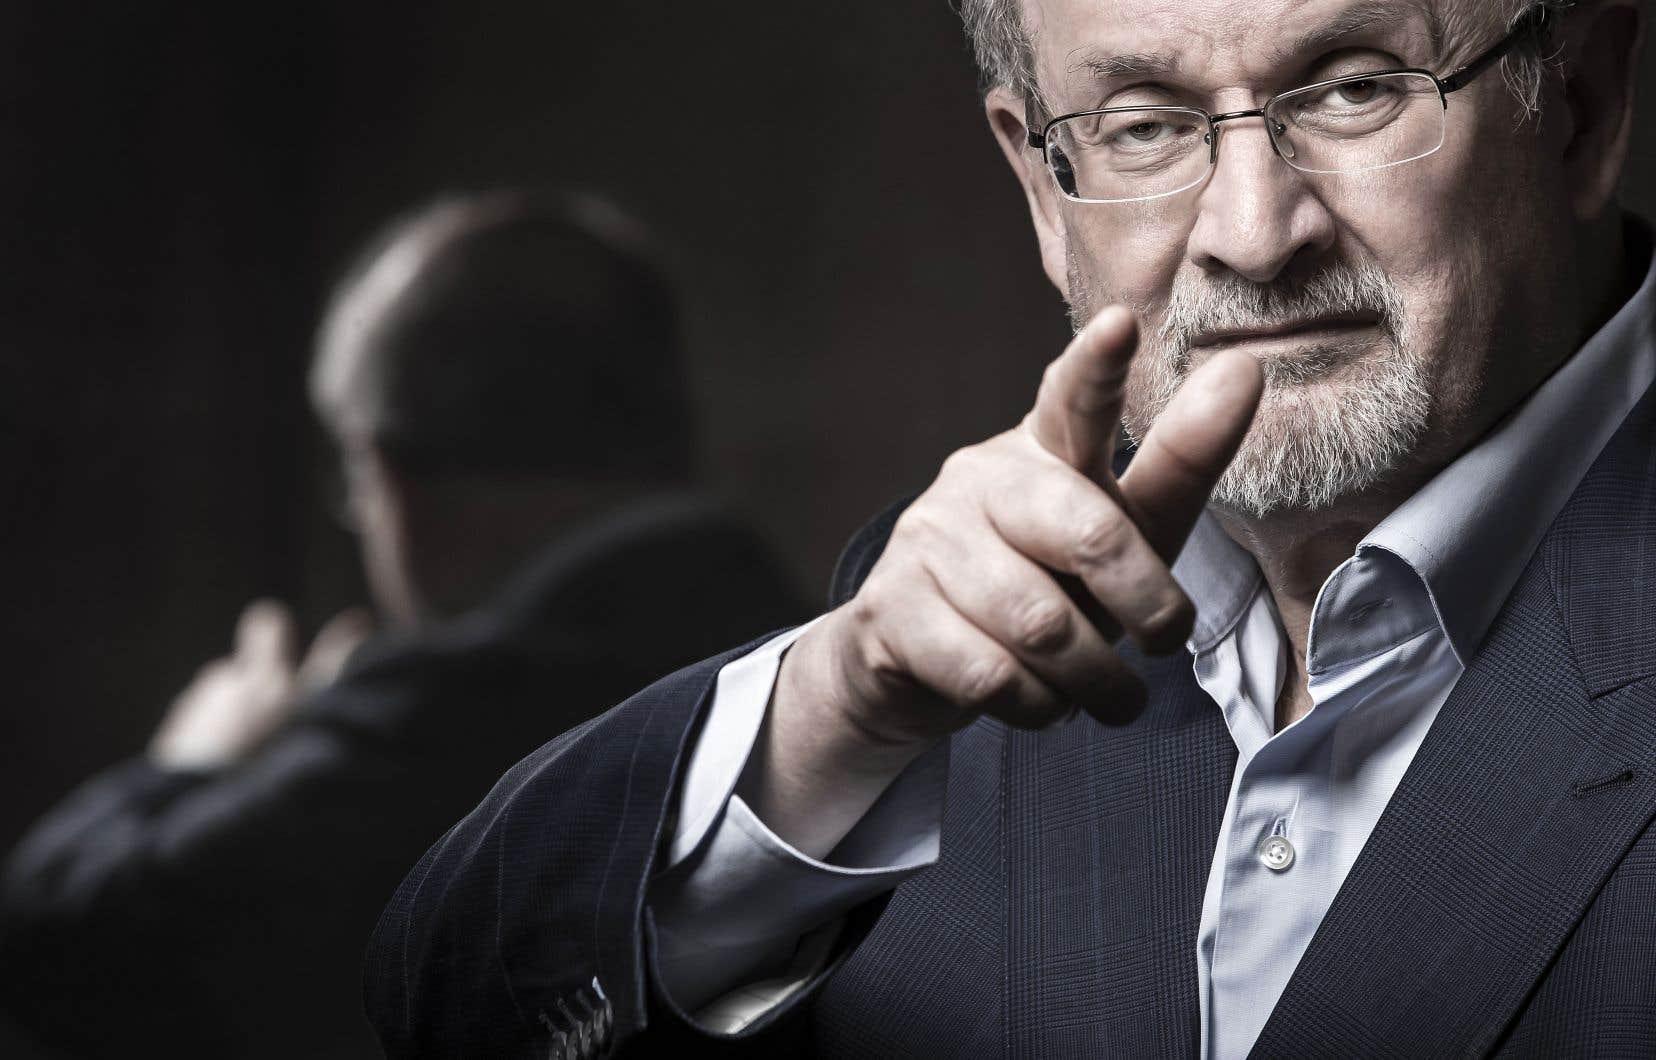 Le romancier Salman Rushdie a pu oser participer à l'ultime saison de la populaire série comique «Curb Your Enthusiasm» de Larry David.